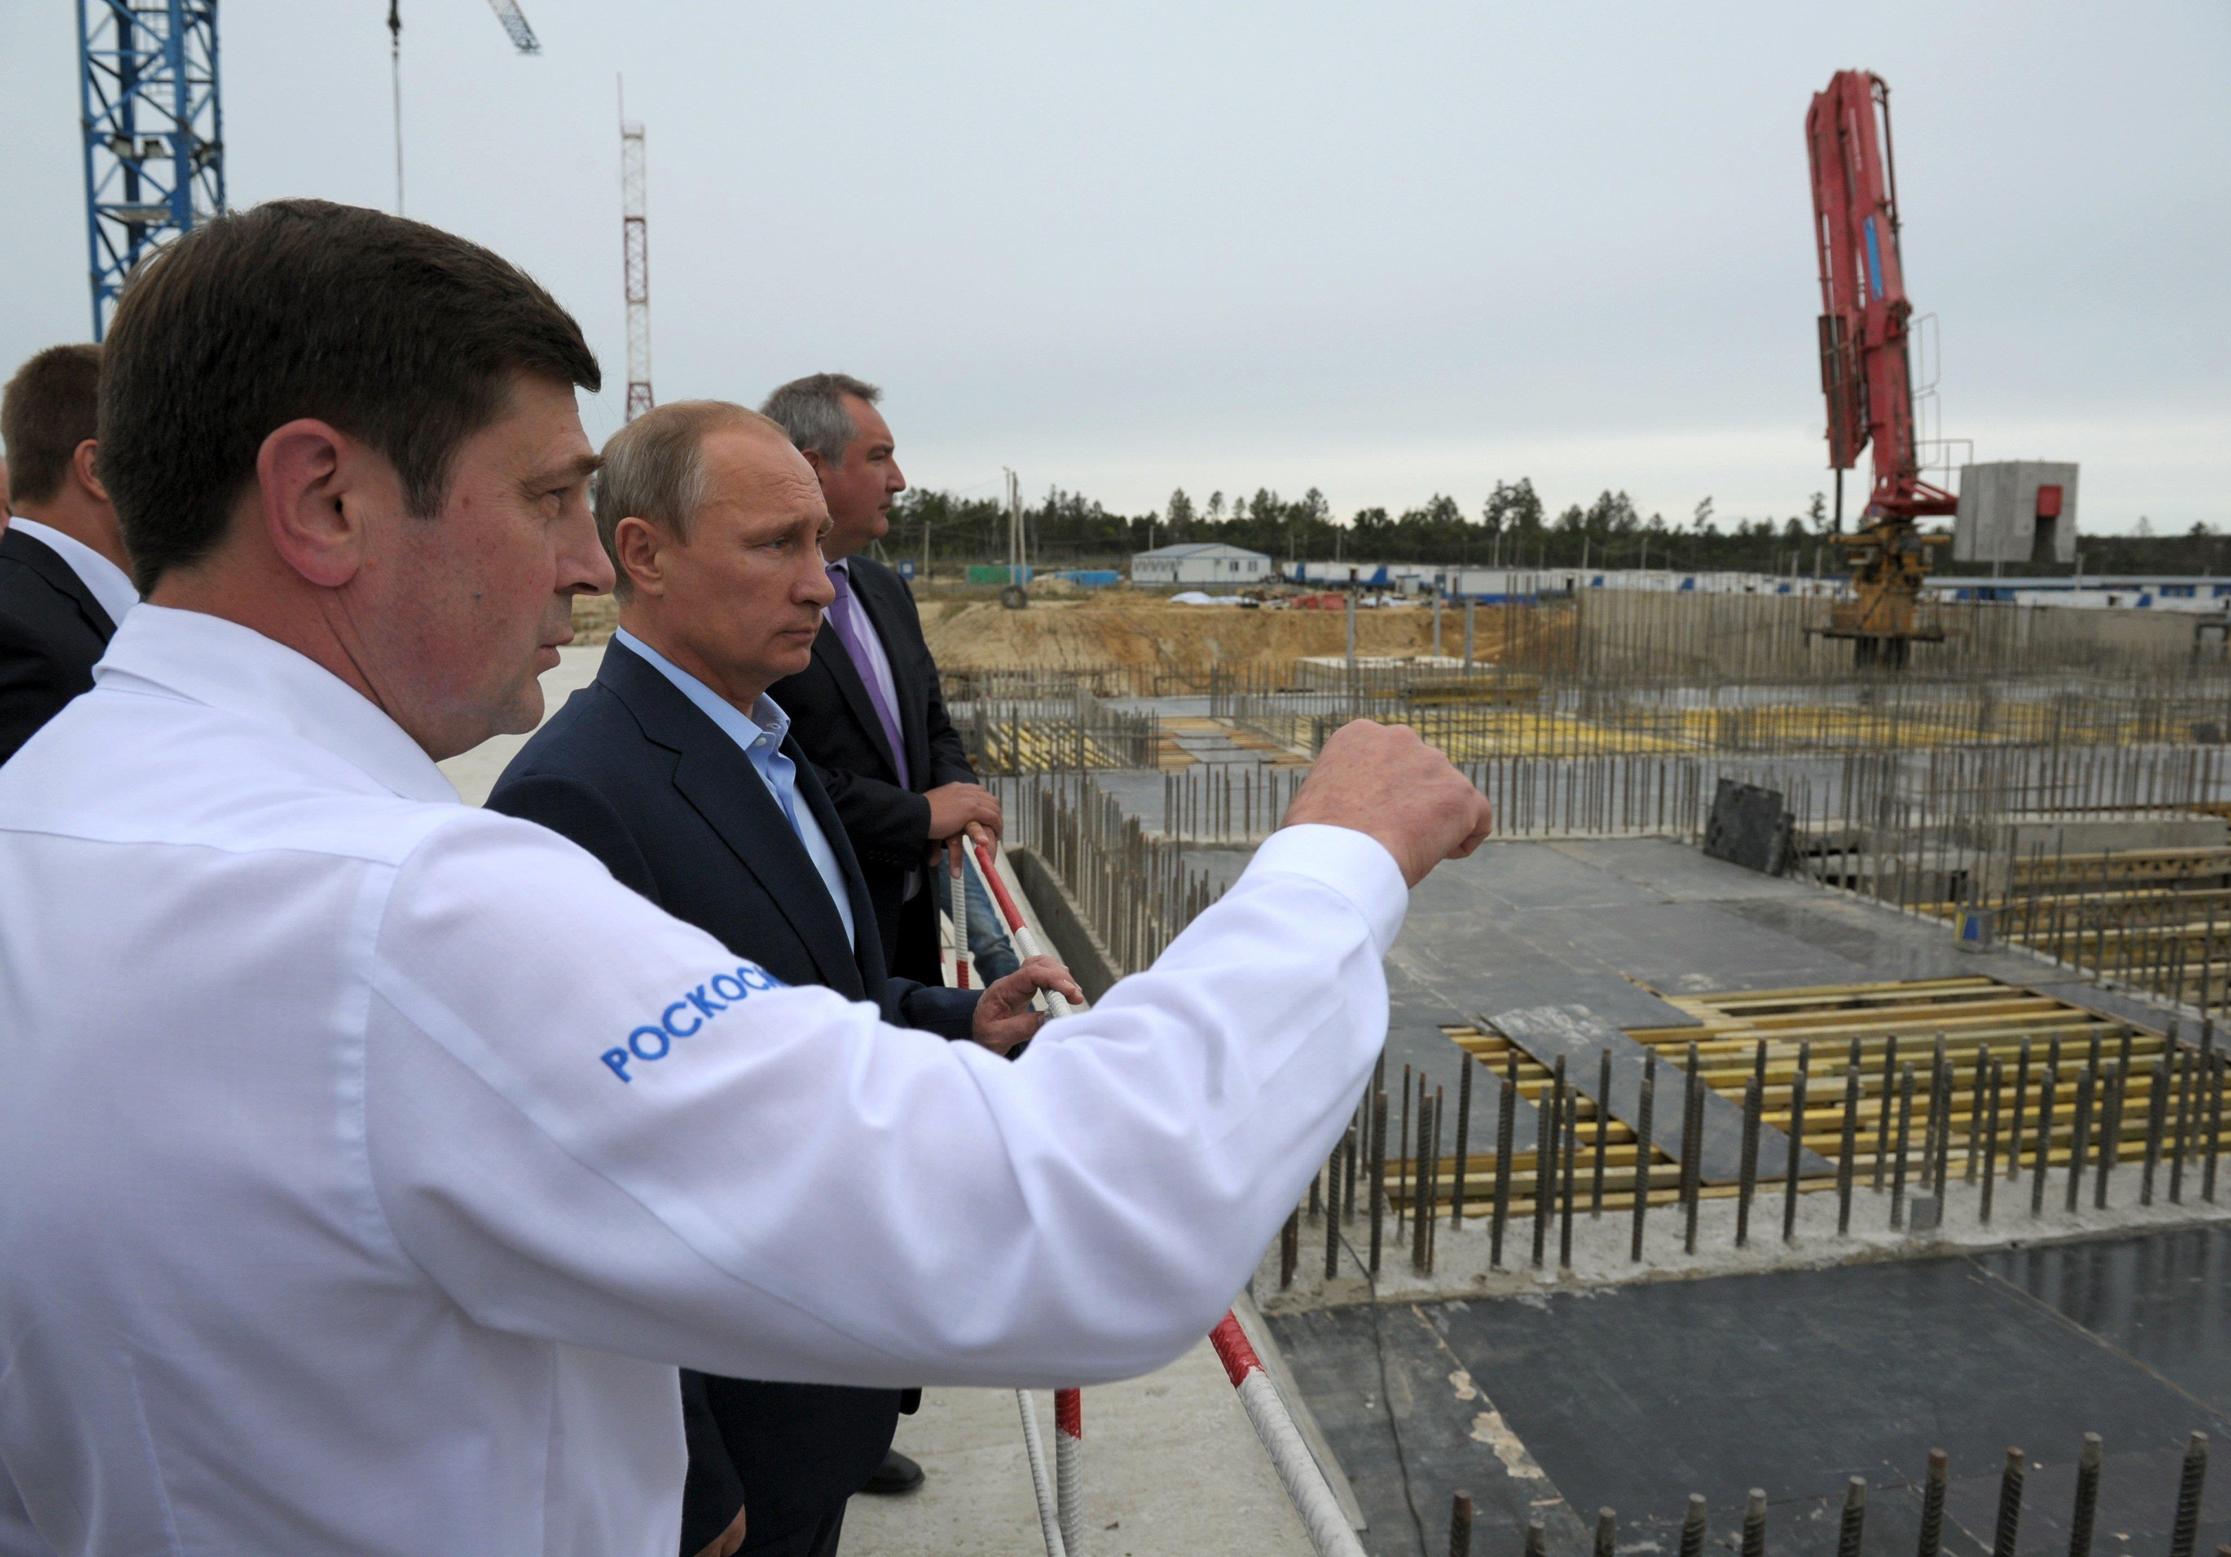 Putin at Vostochny